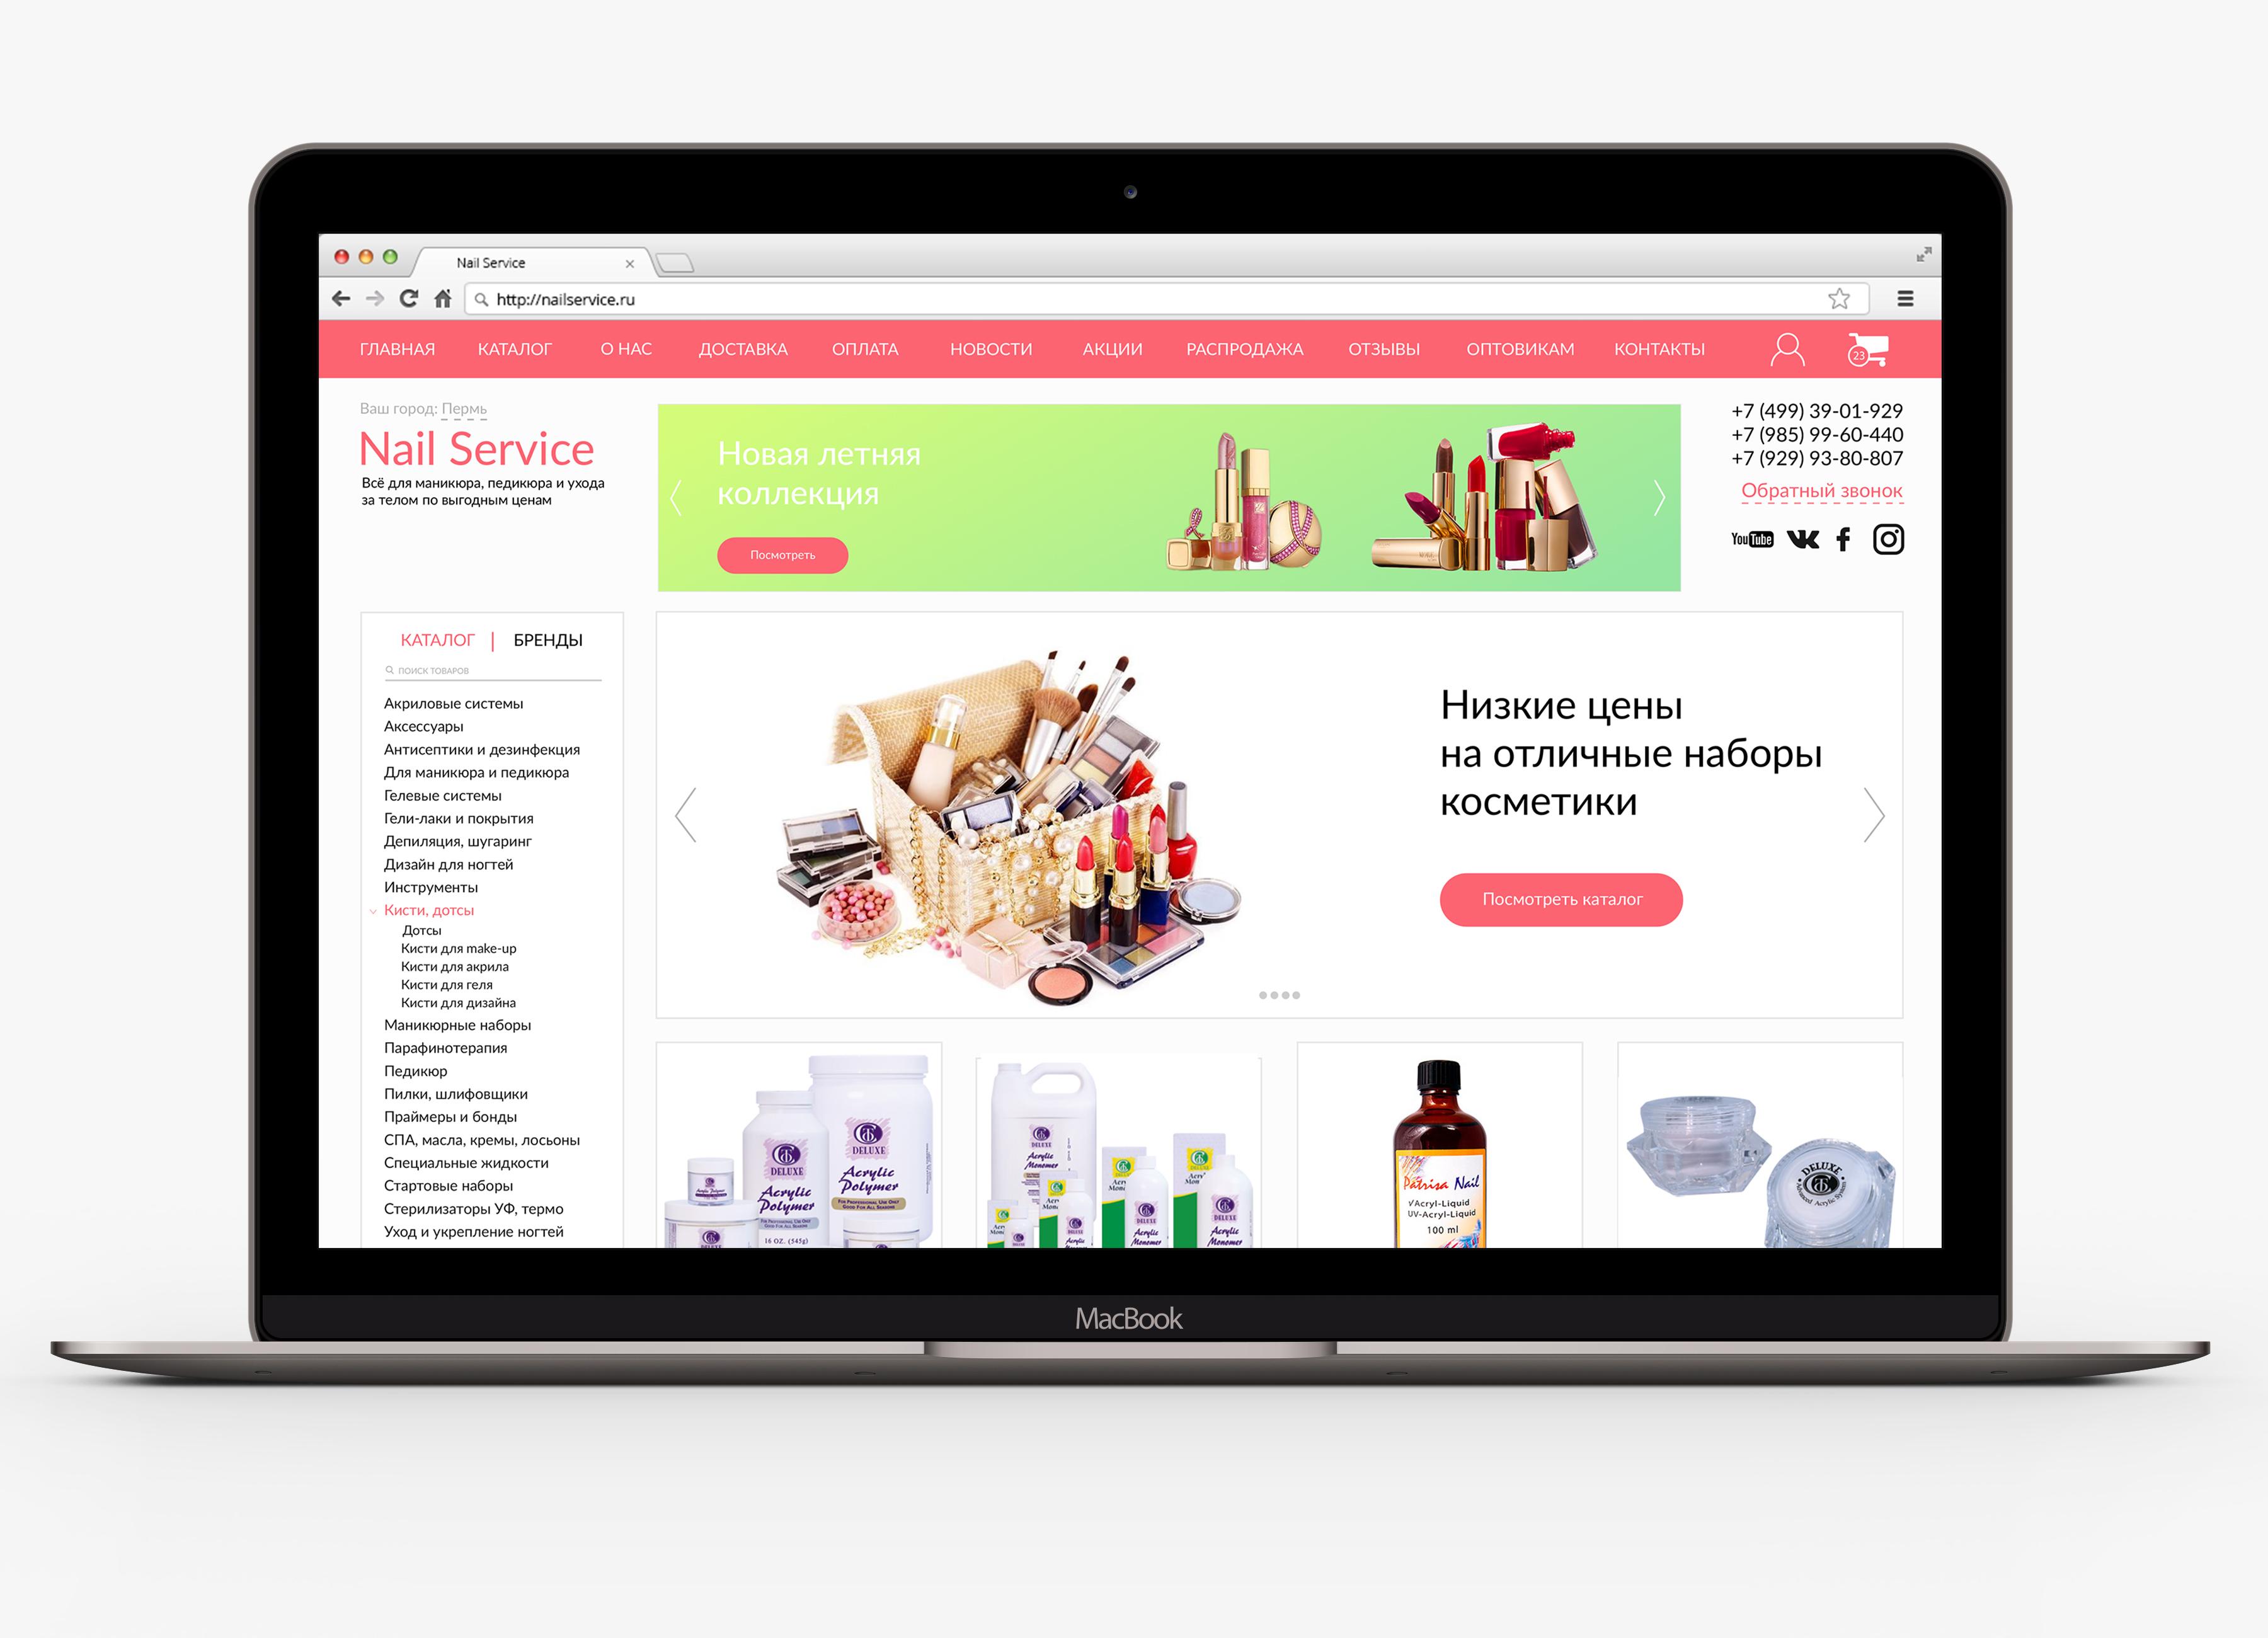 Разработка дизайна главной страницы сайта интернет-магазина фото f_757594f5e704055c.jpg